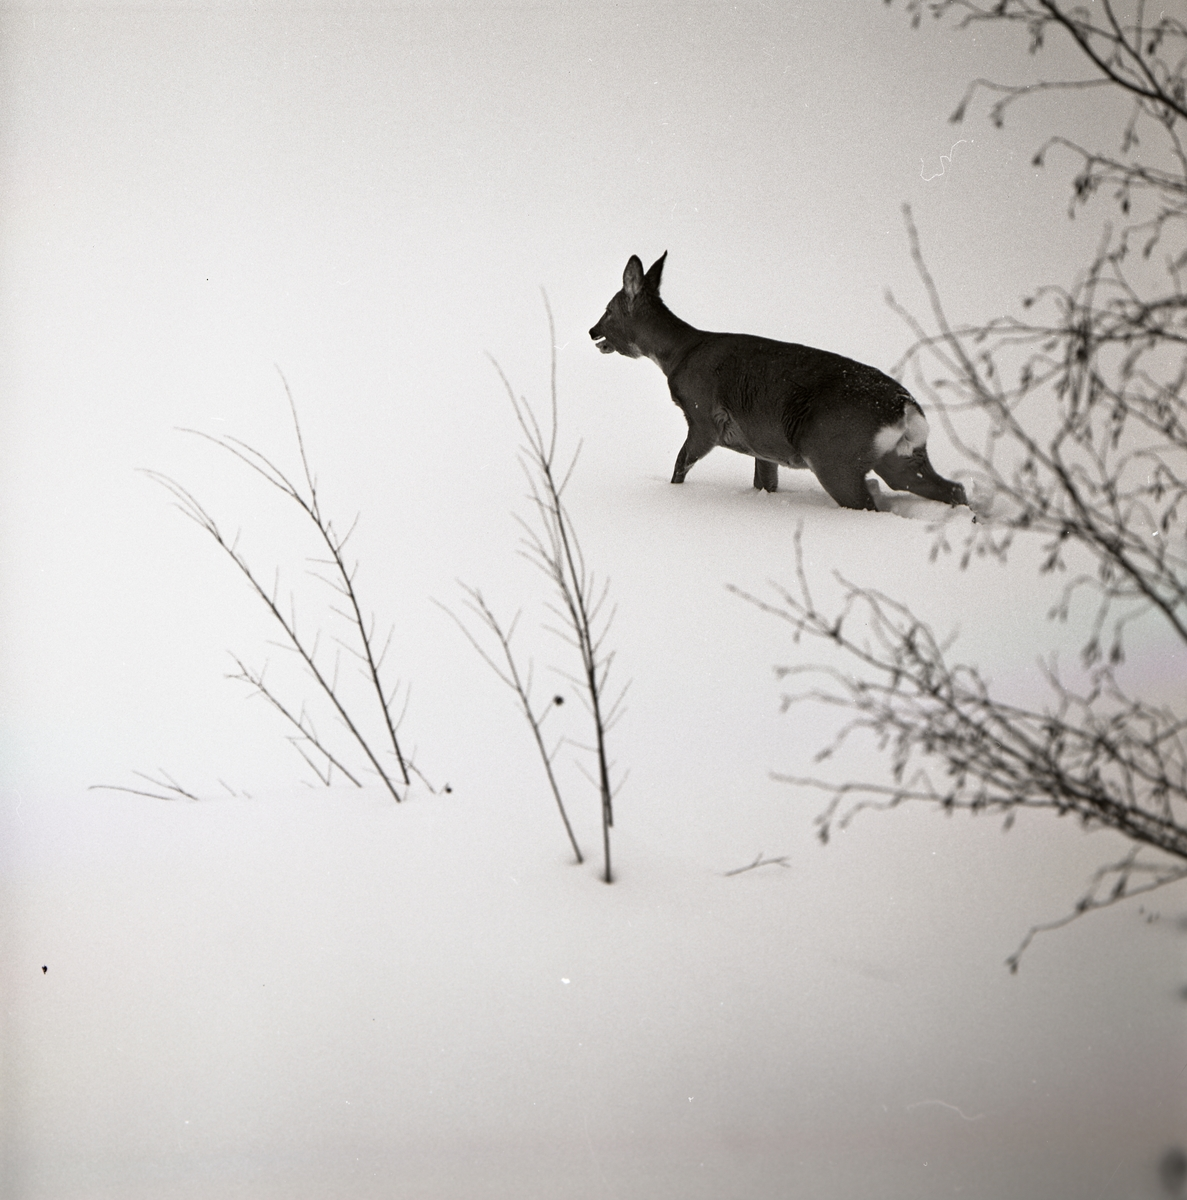 Ett rådjur vandrar i snö, 1966.